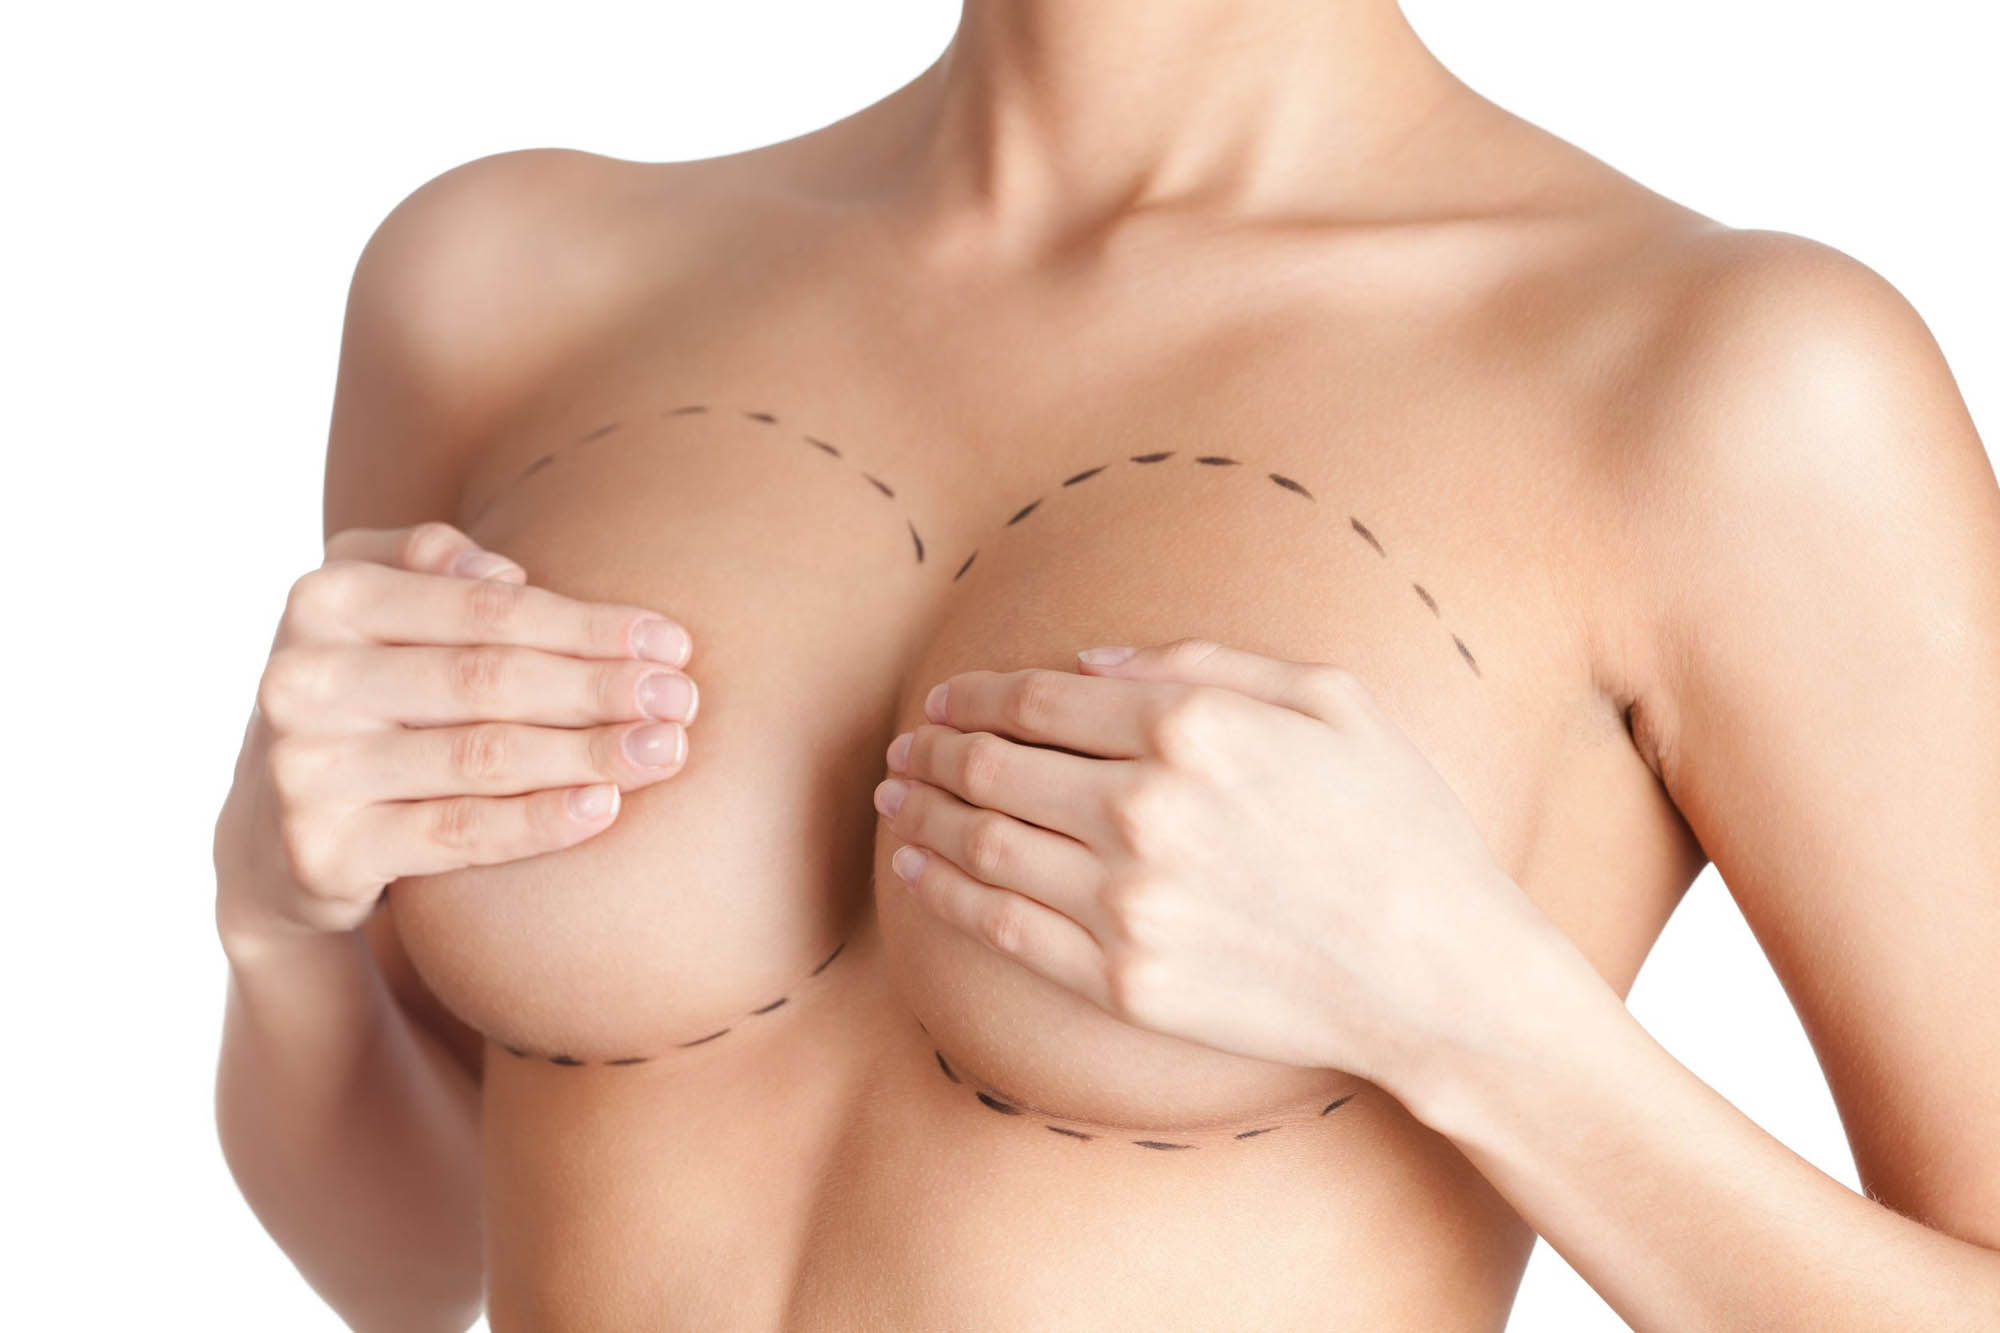 Brust vor einer Operation